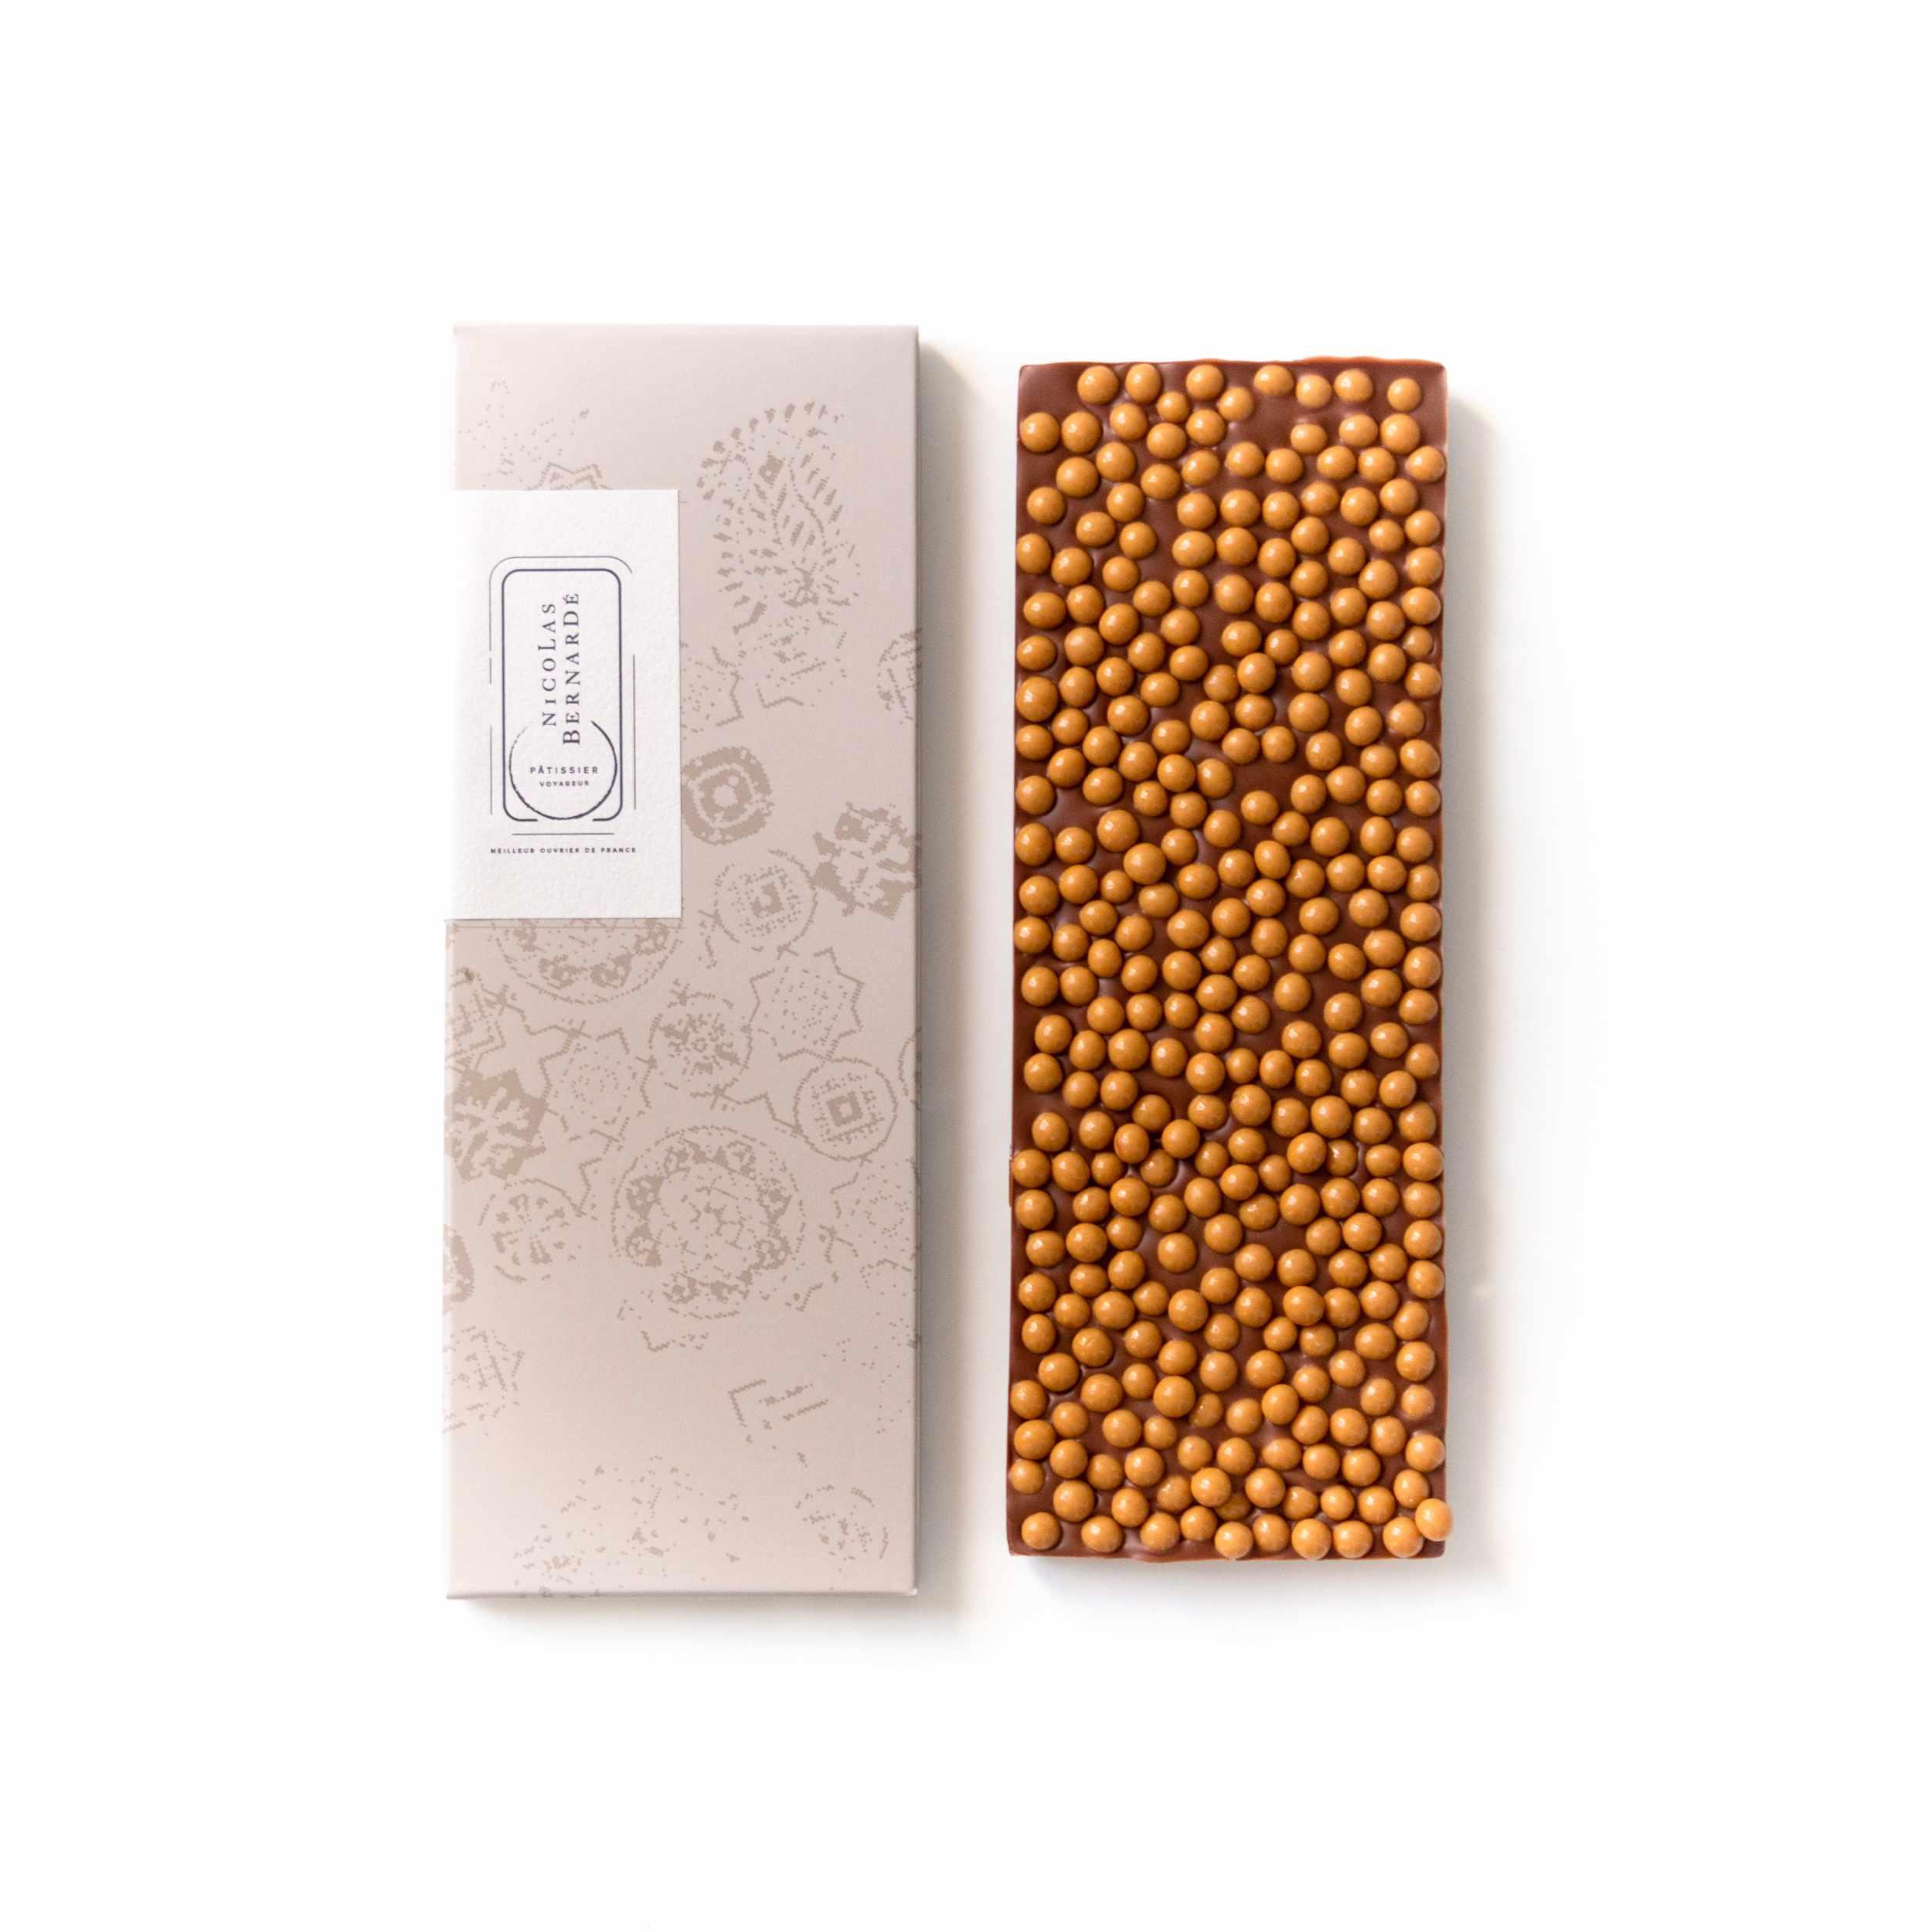 Tablettes de chocolat lait enrichi - Perles croustillantes